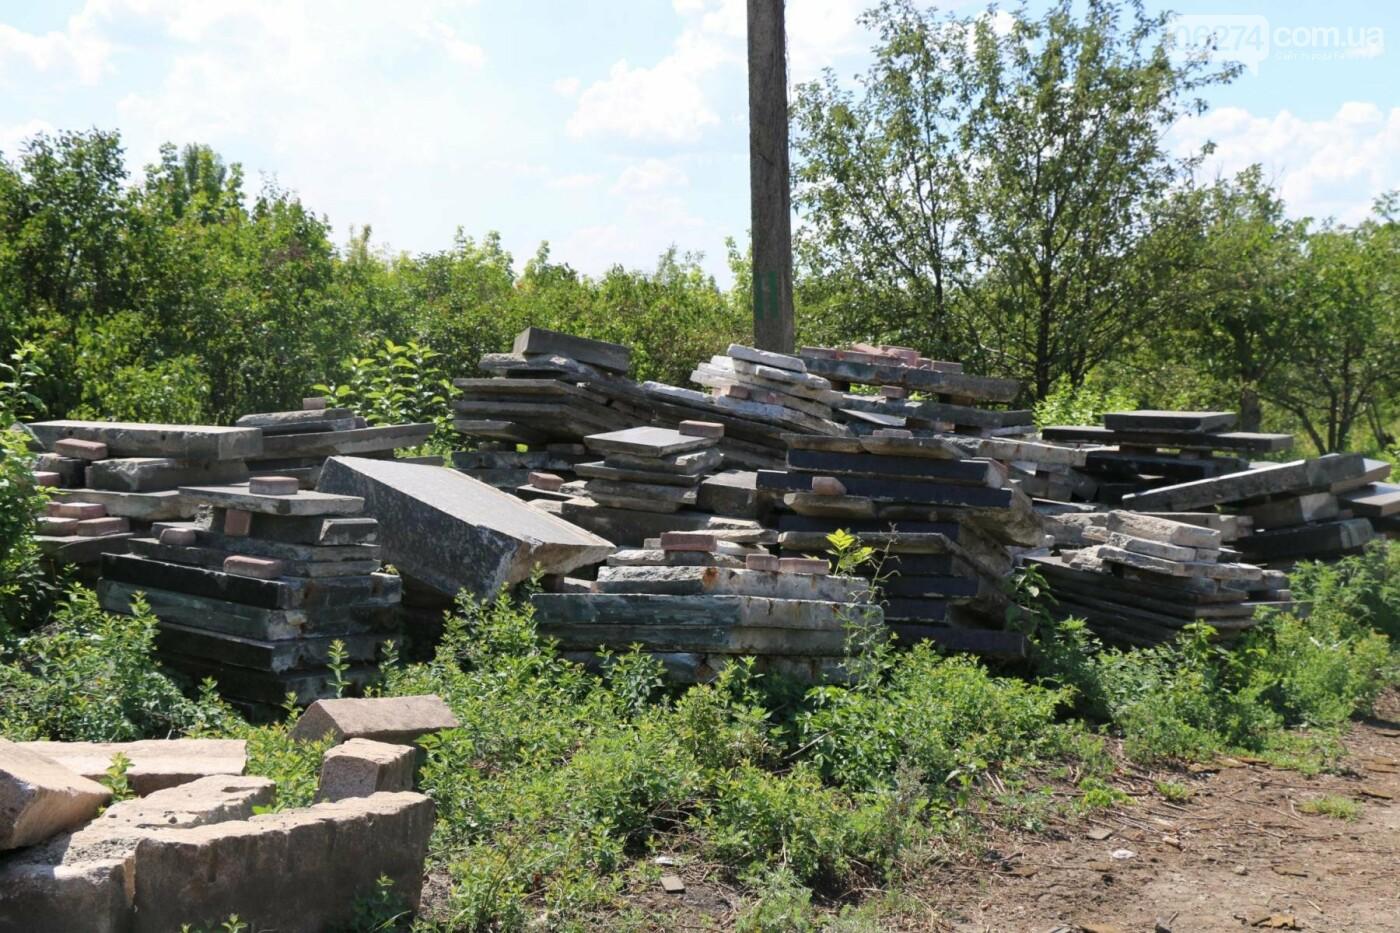 Нашлись мраморные плиты с «декоммунизированных» памятников в Бахмуте, фото-2